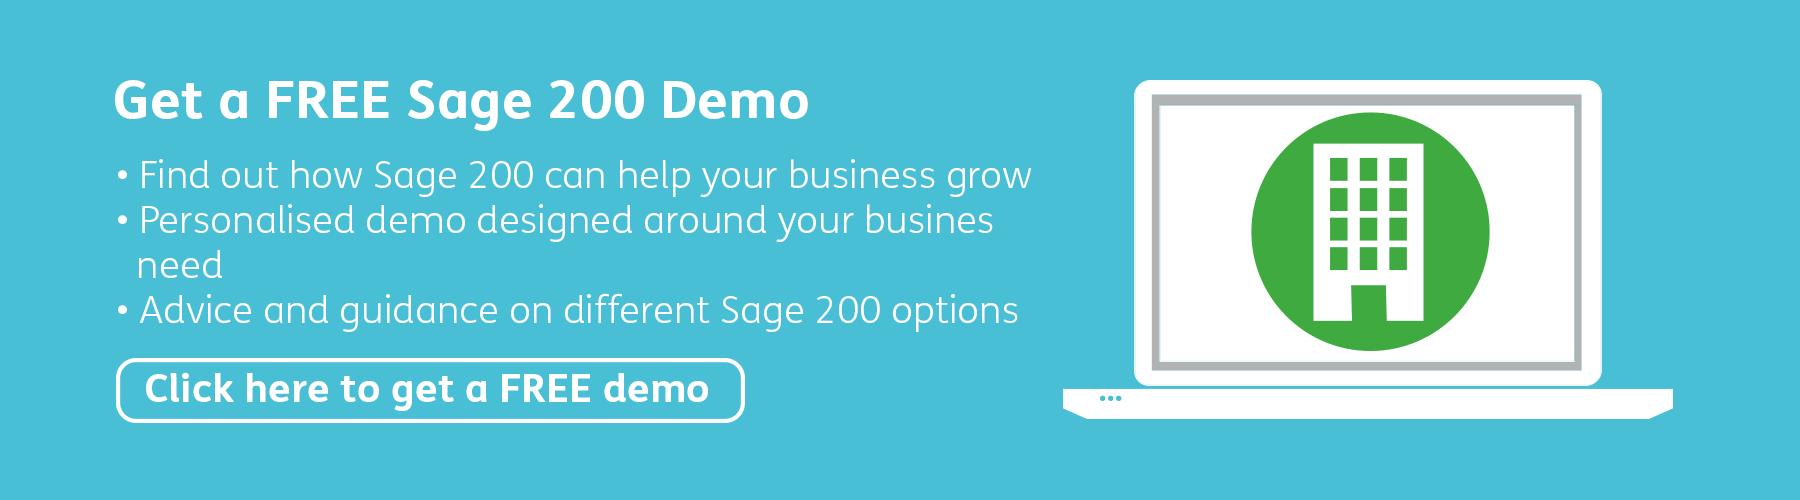 Get a FREE Sage 200 Demo